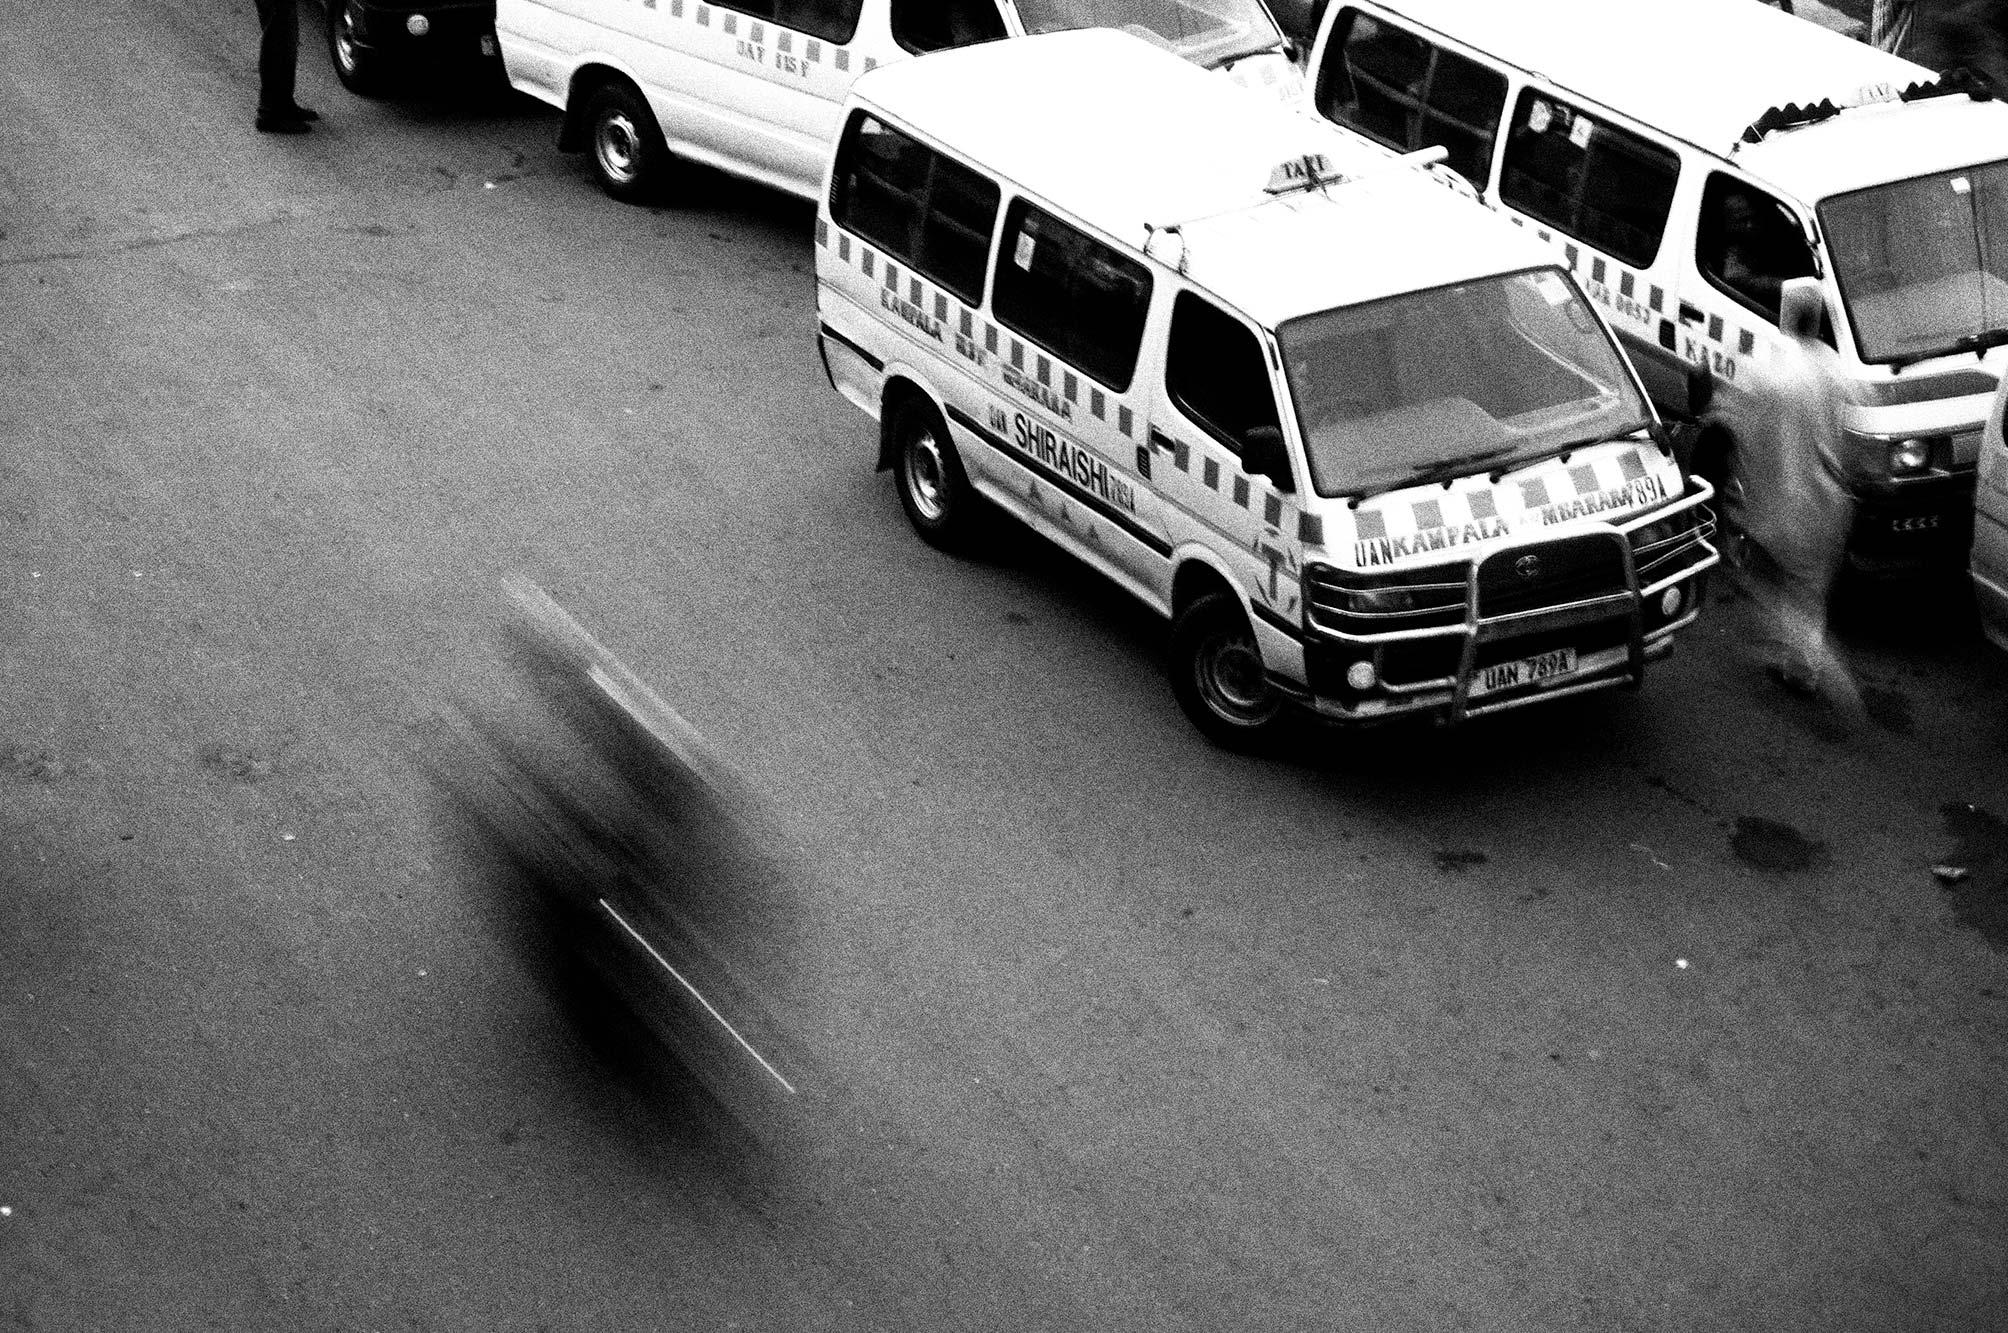 Uganda Kampala Capital City with buses and motorbike